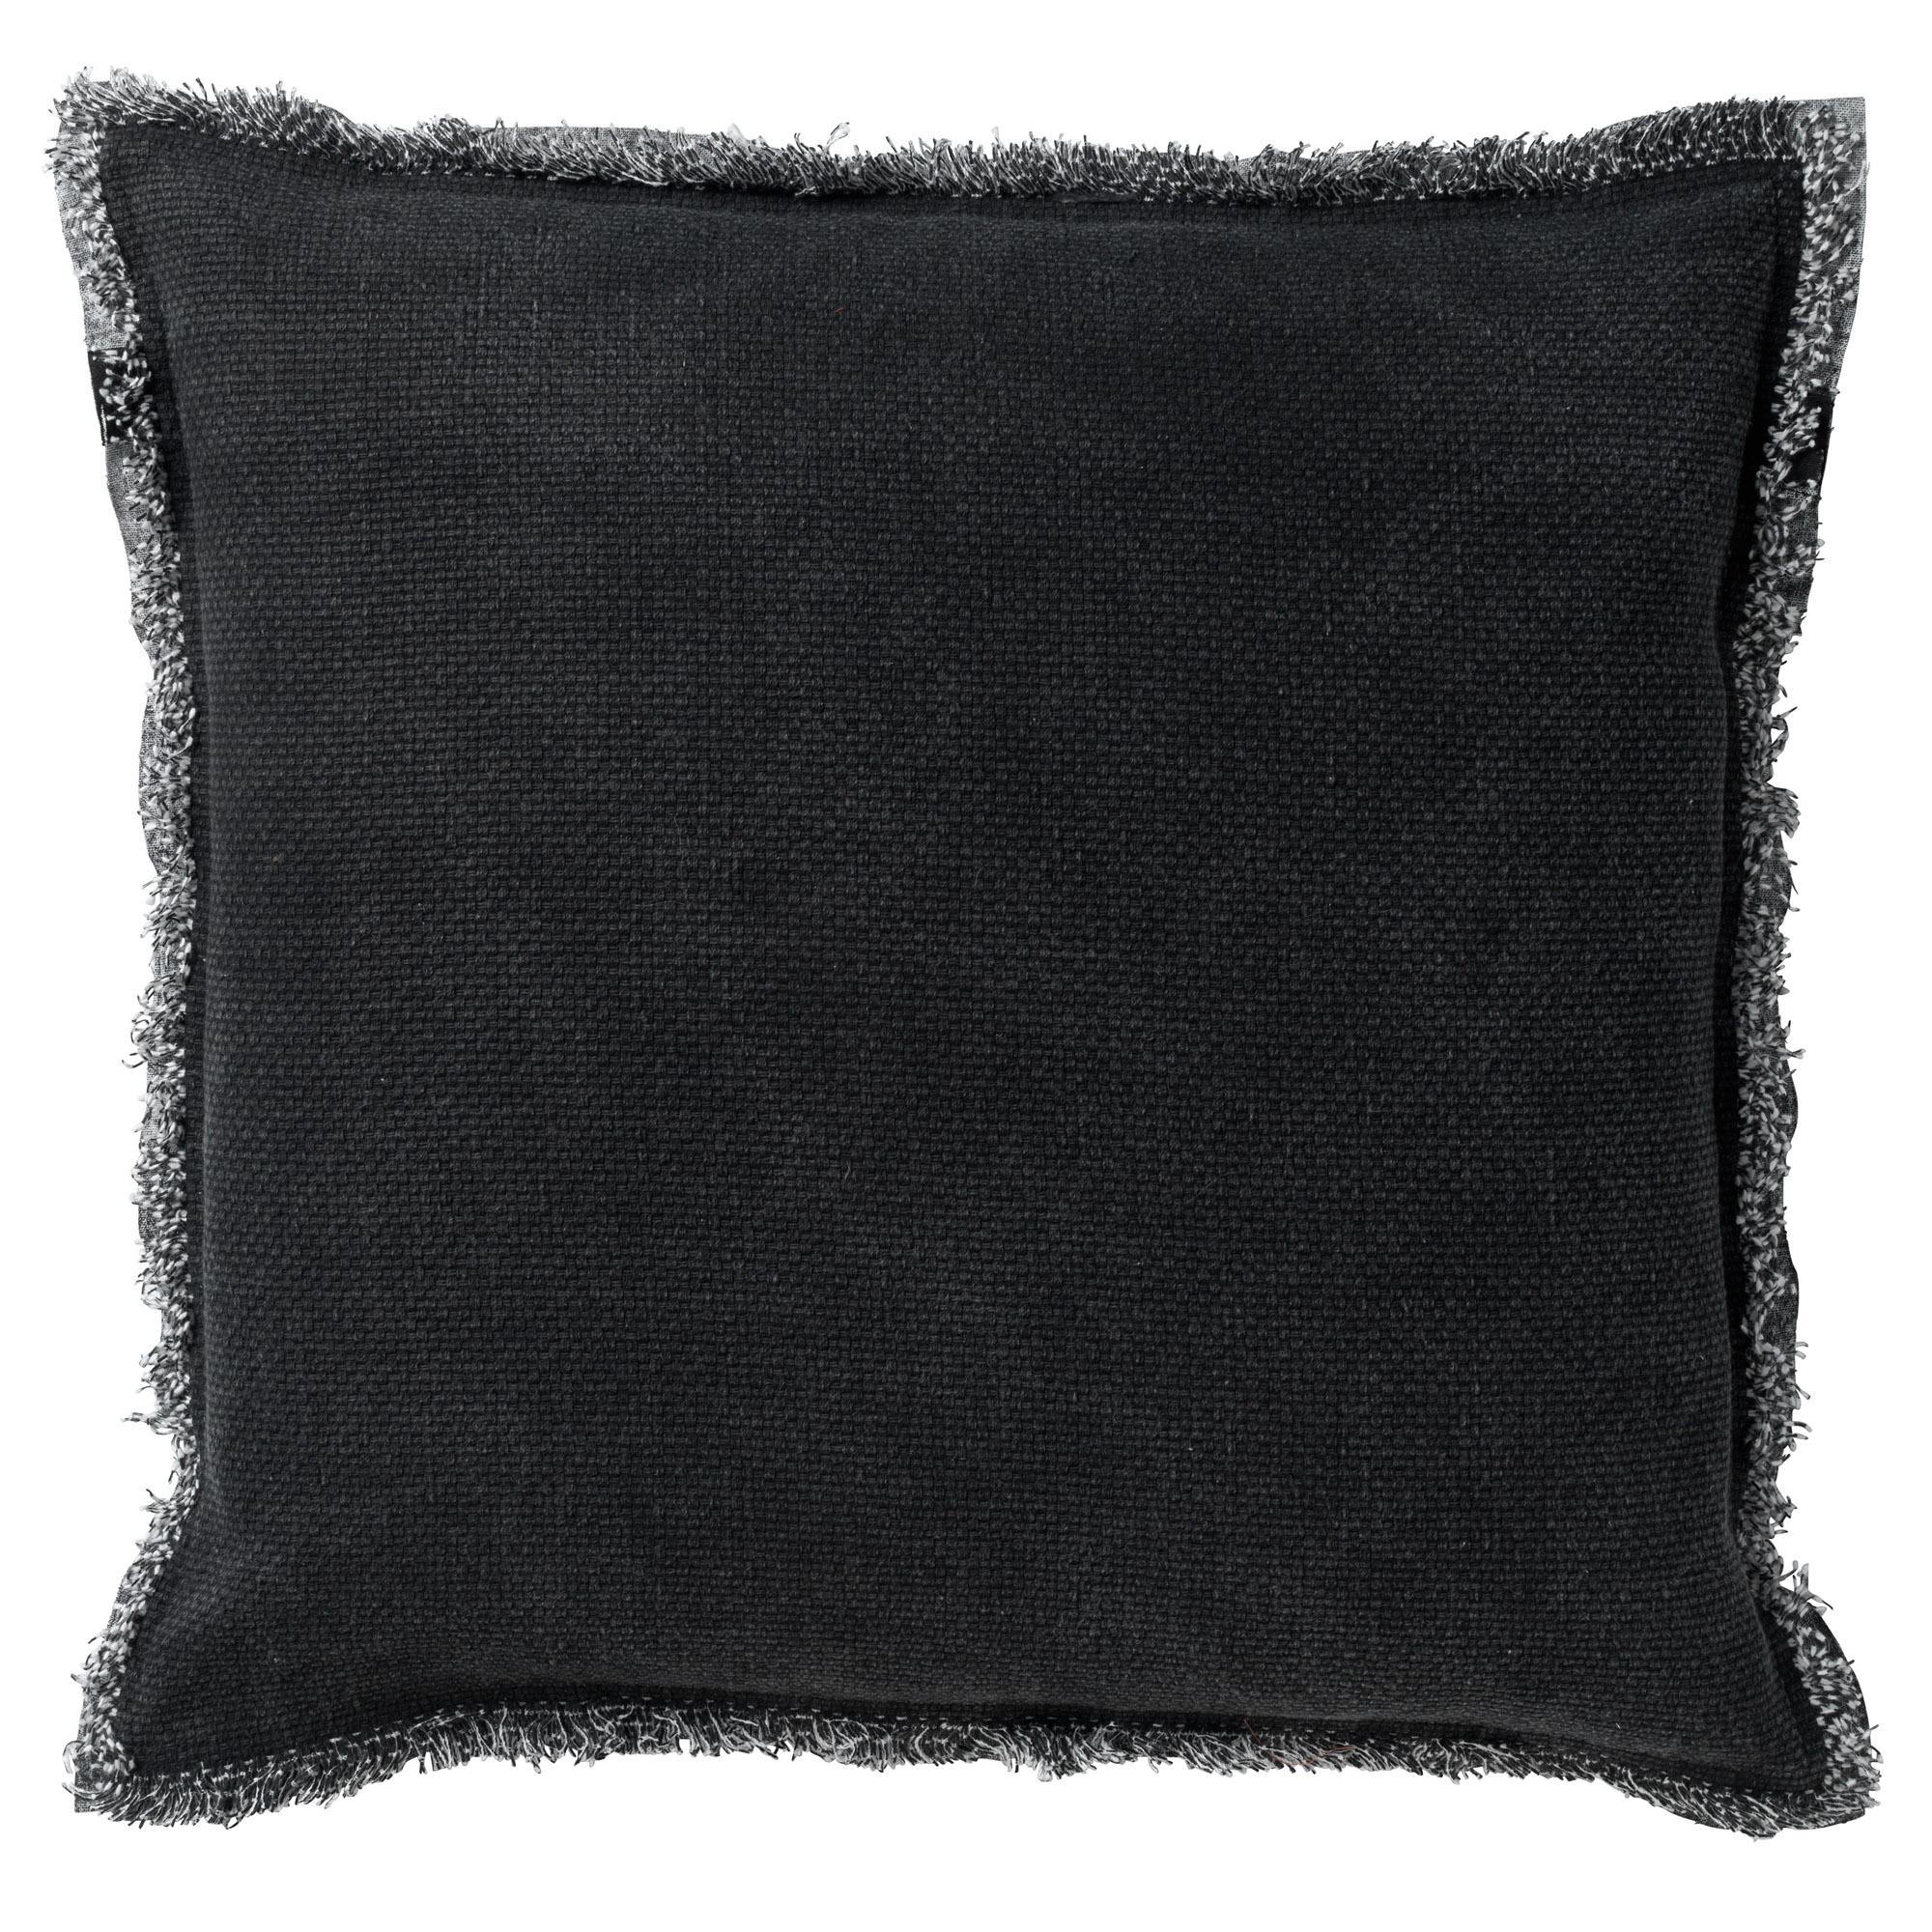 Housse de coussin en coton Noir 45x45